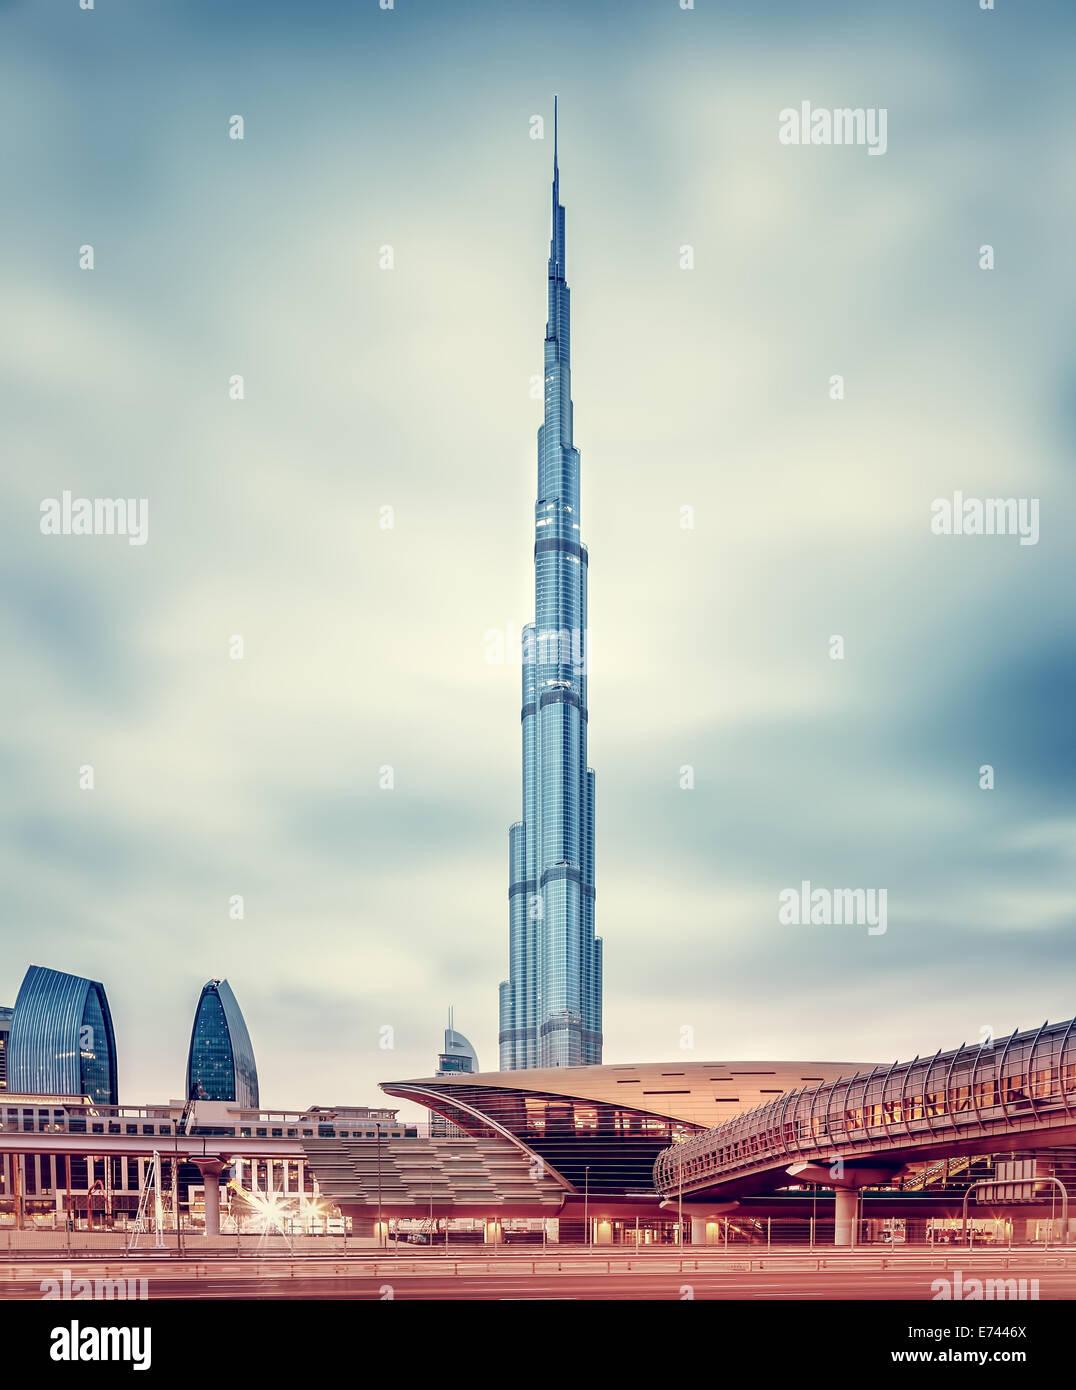 Dubaï, Émirats arabes unis - 09 février: Burj Khalifa, plus haute tour du monde à 828m, Photo Stock